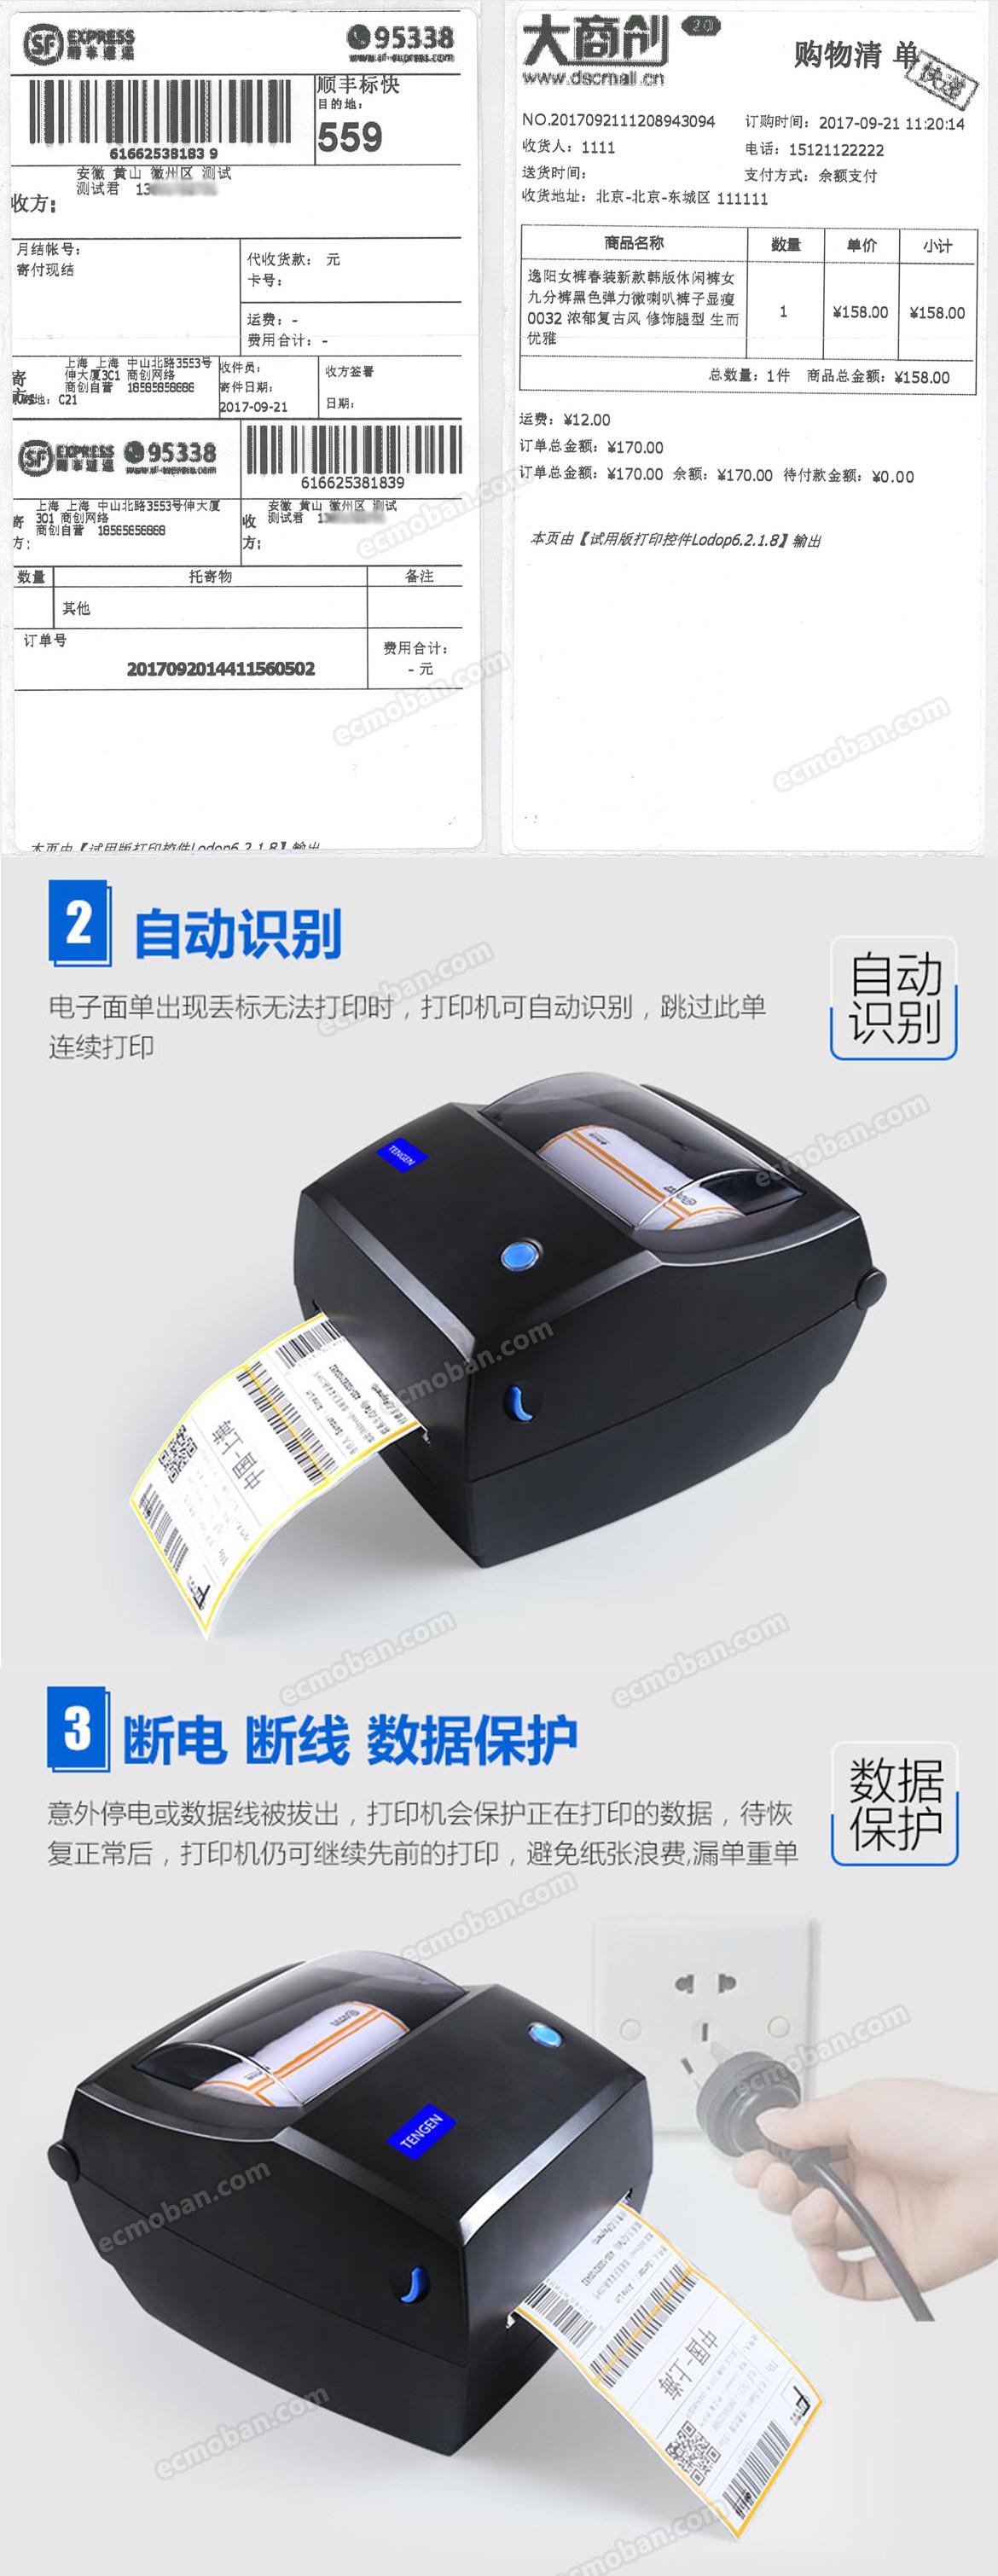 面單打印機3.jpg